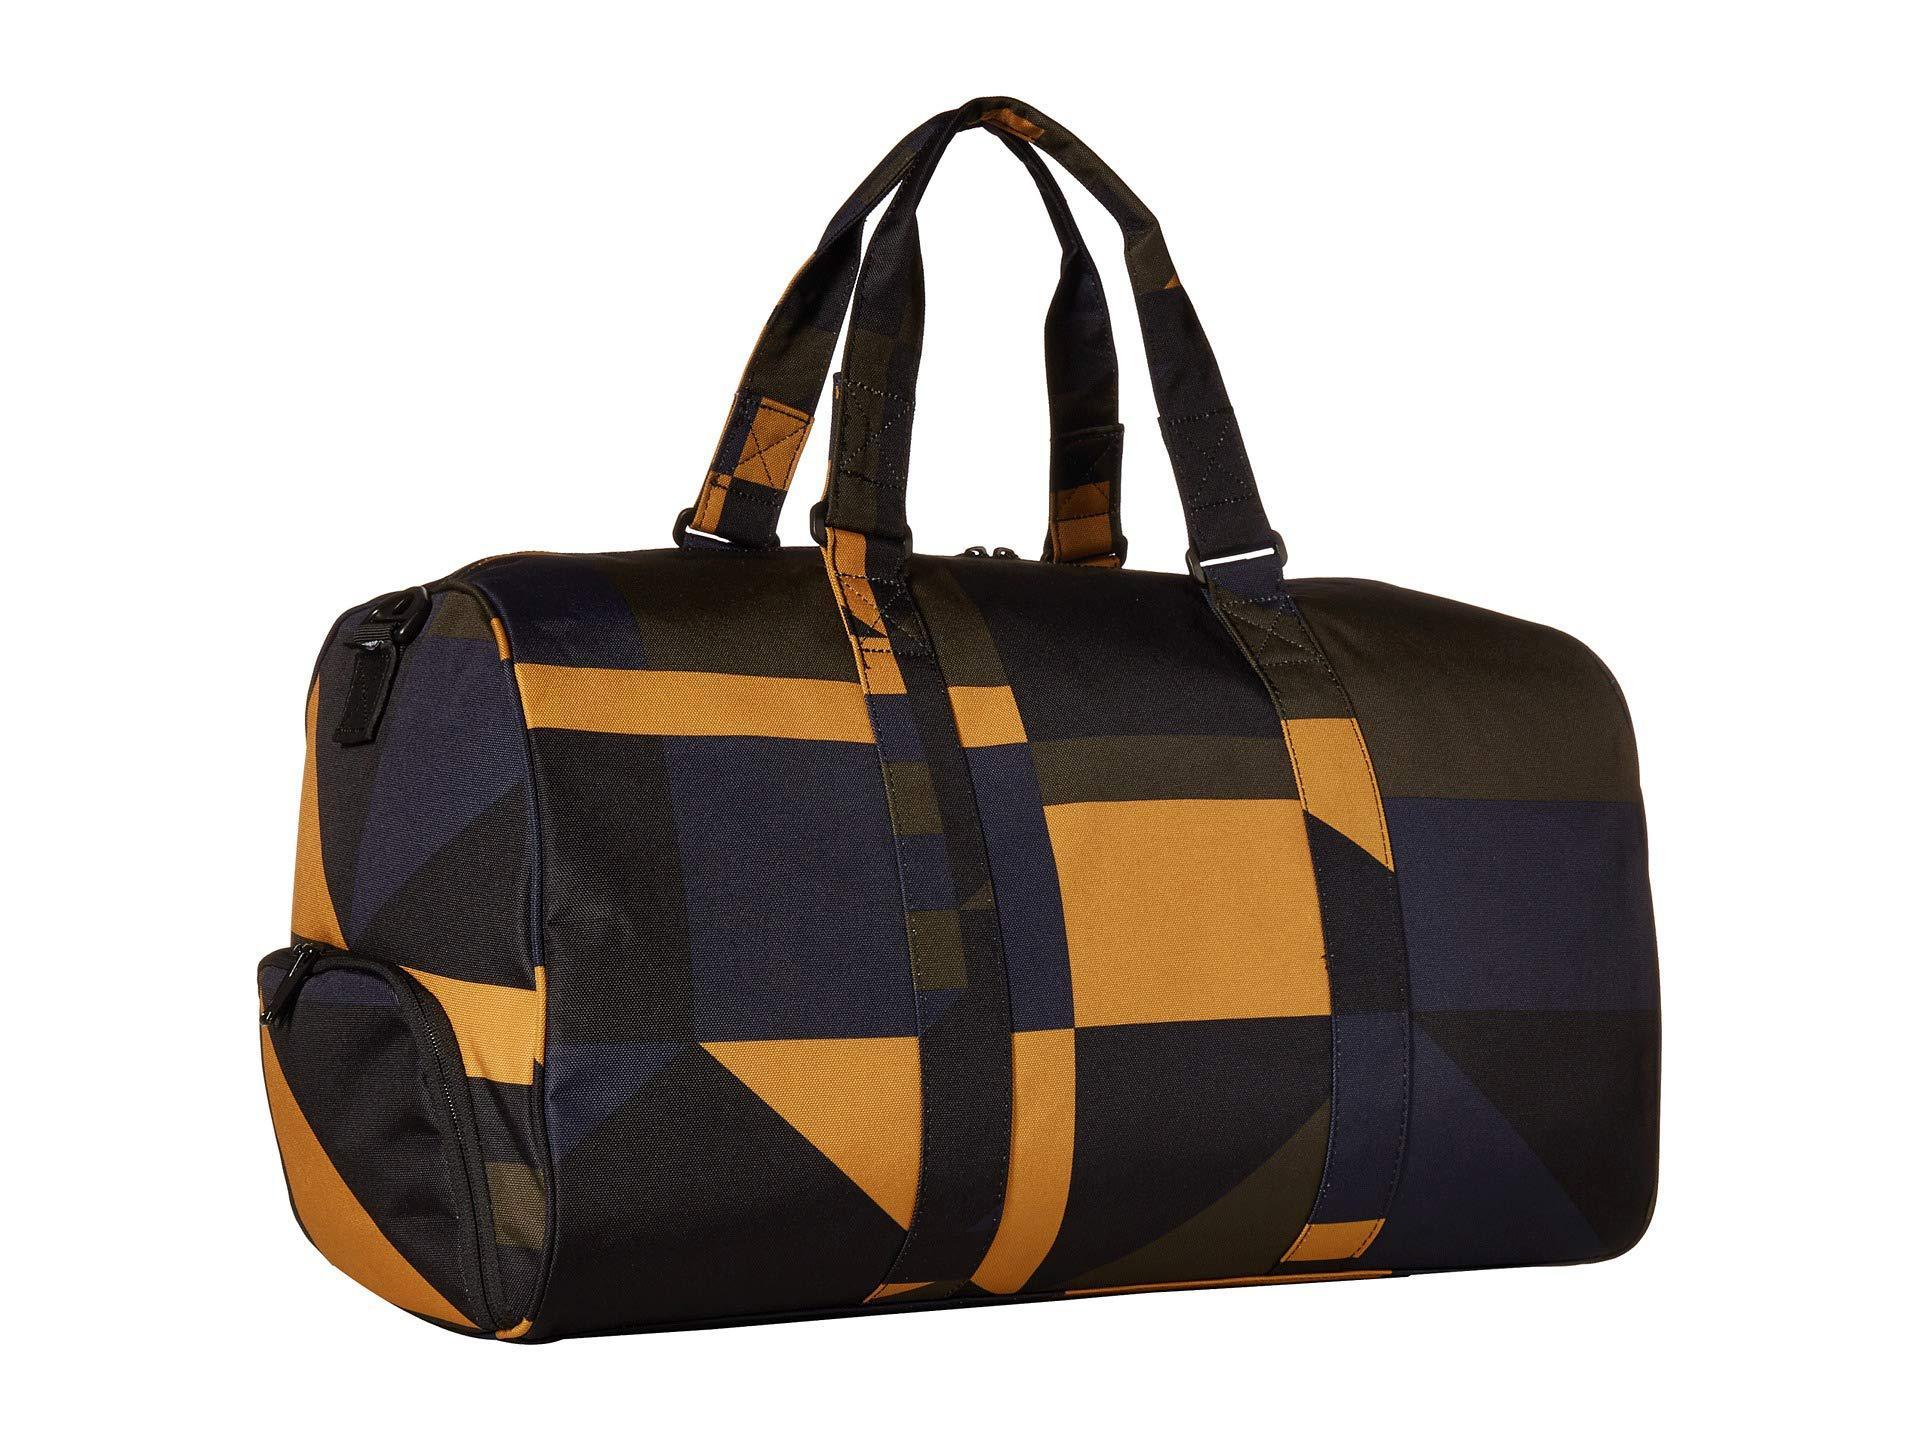 Herschel Supply Co. - Black Novel (light Grey Crosshatch) Duffel Bags for  Men. View fullscreen 640a46e380904